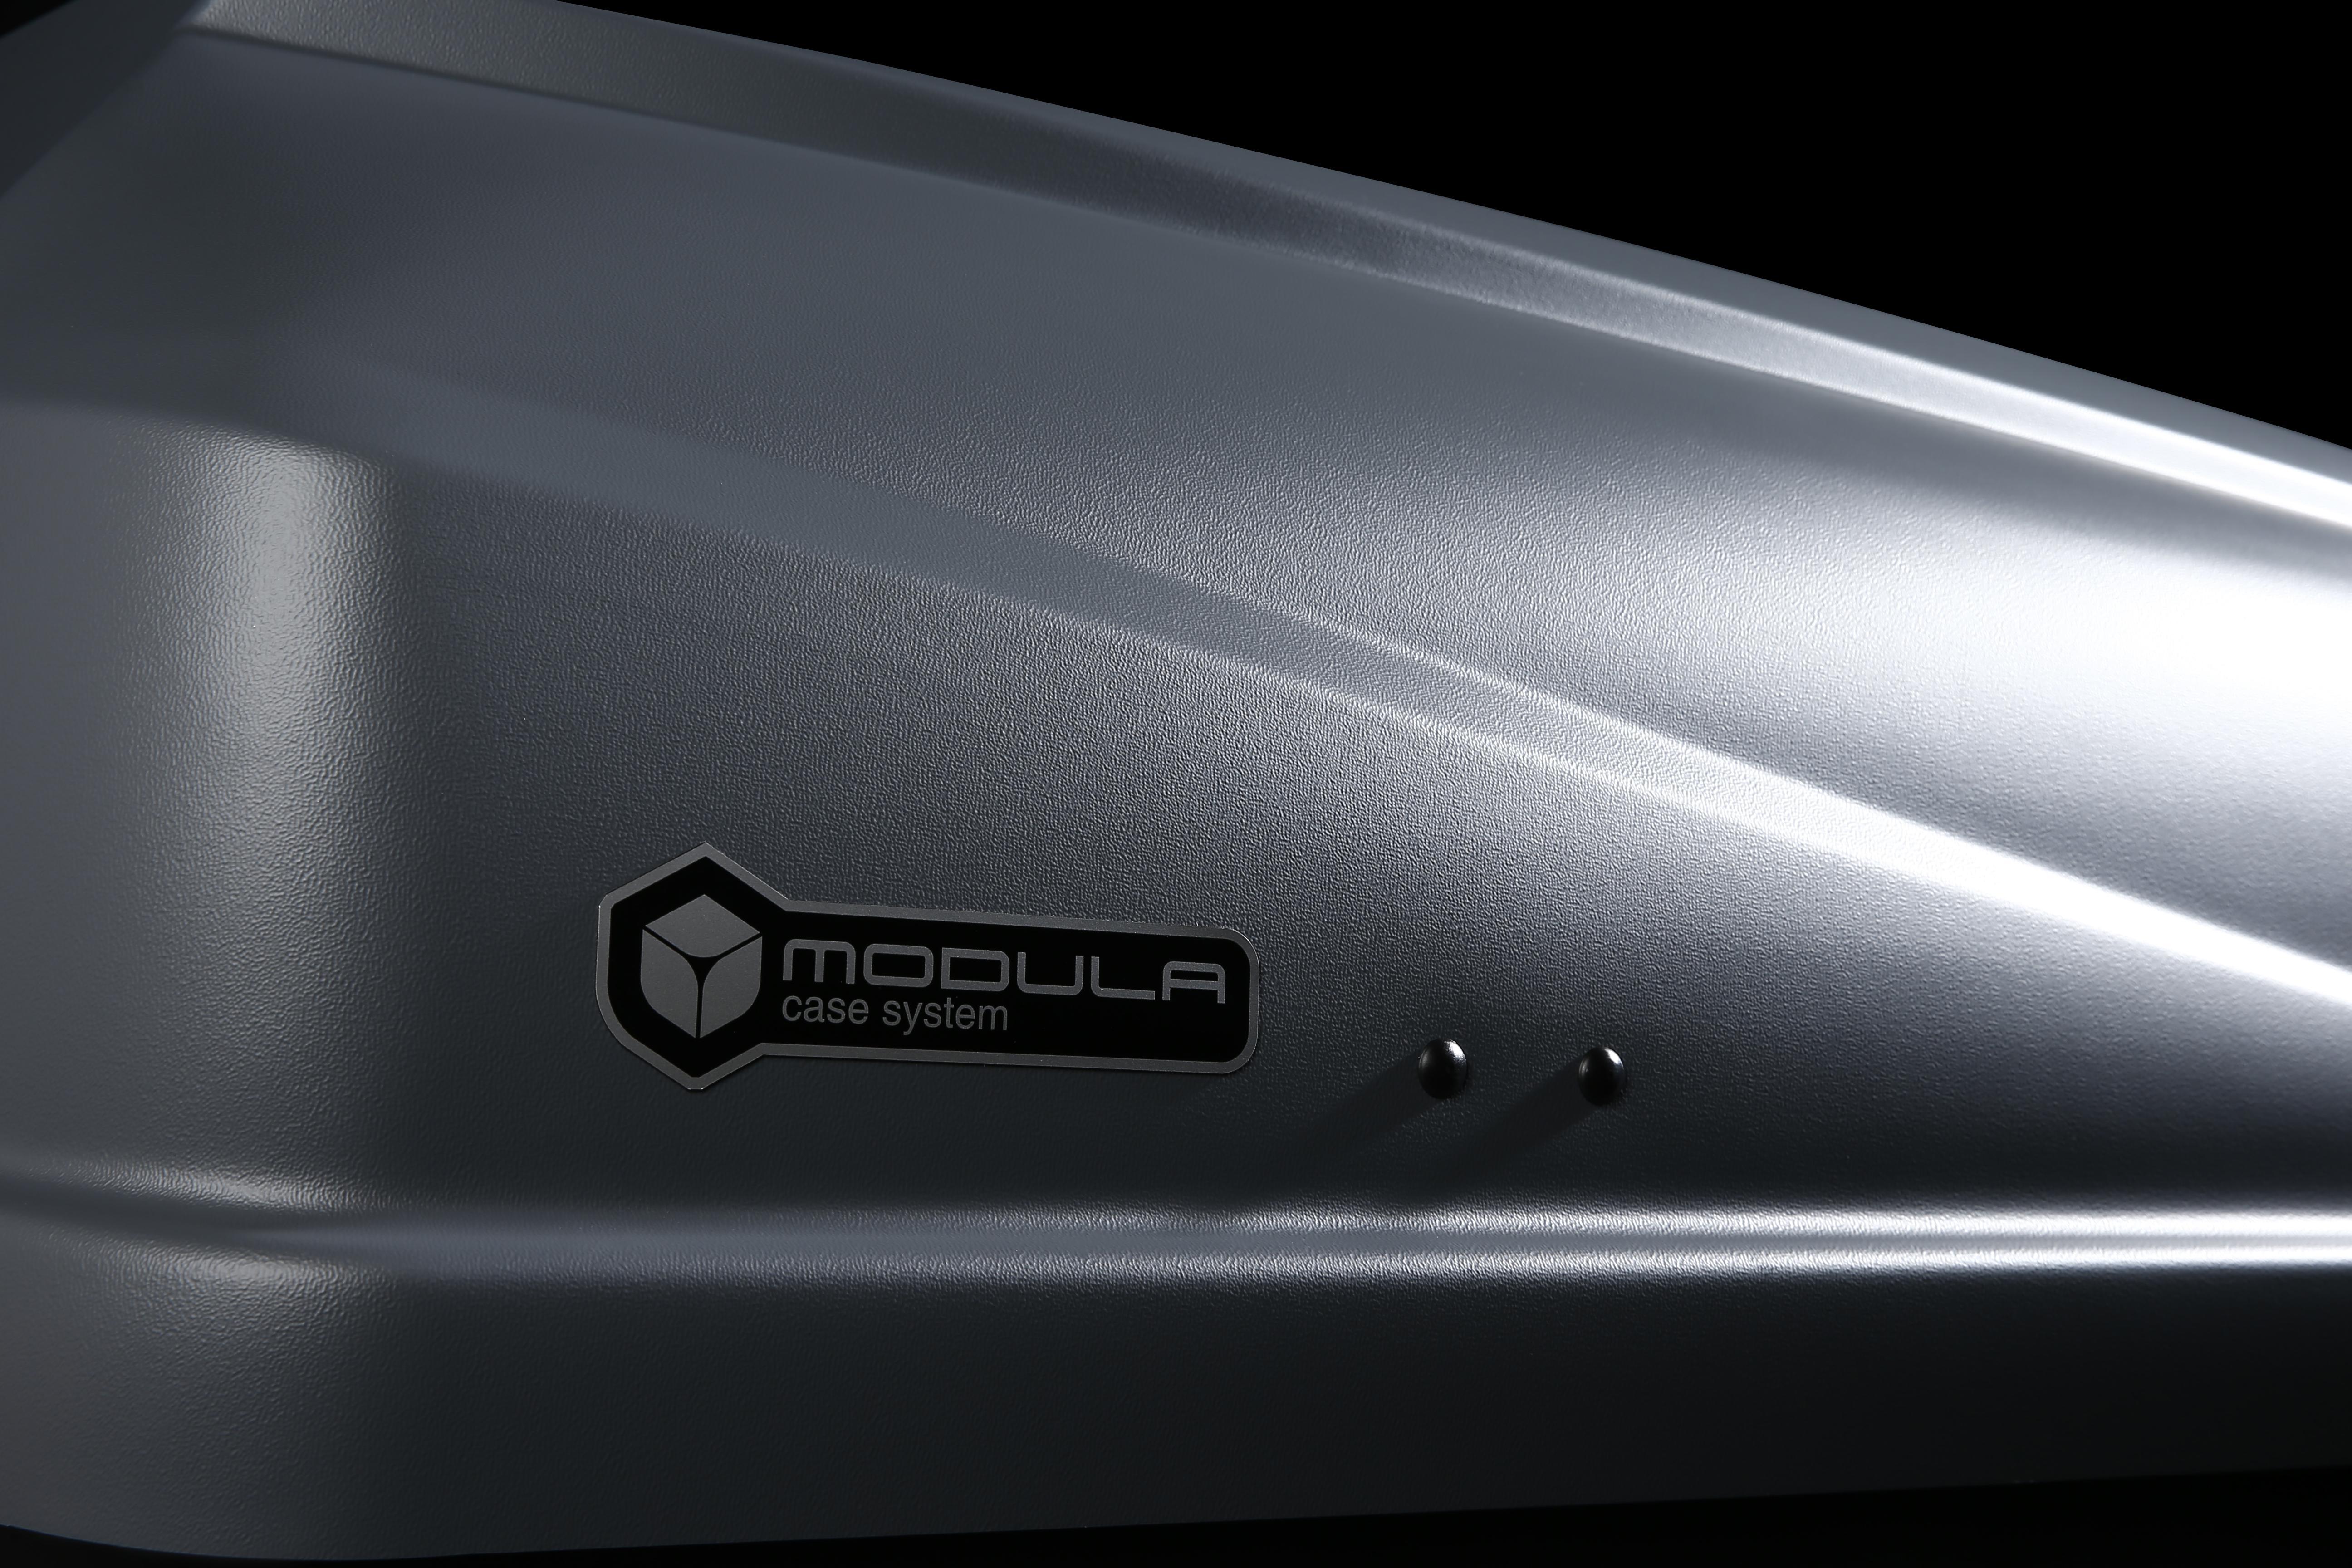 MODULA MOCS0329 - 8051406426279